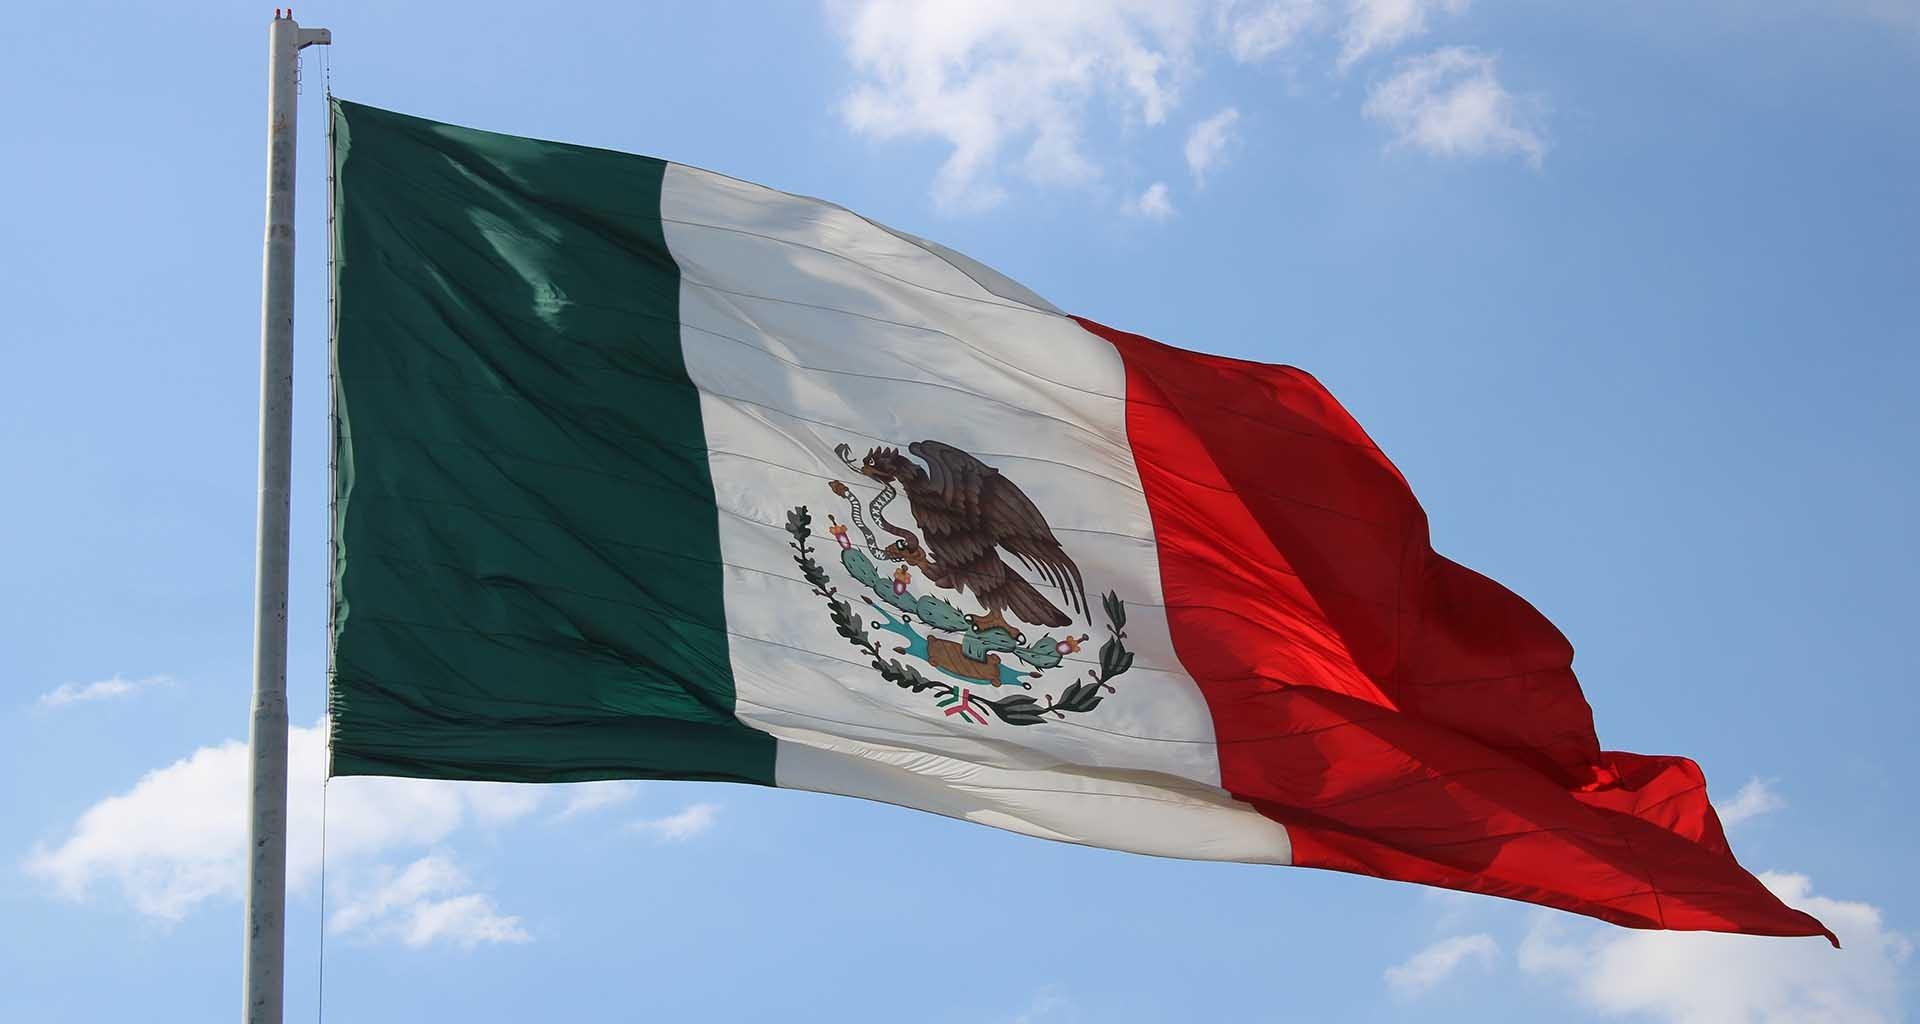 bandera-mexico-relacion-estados-unidos